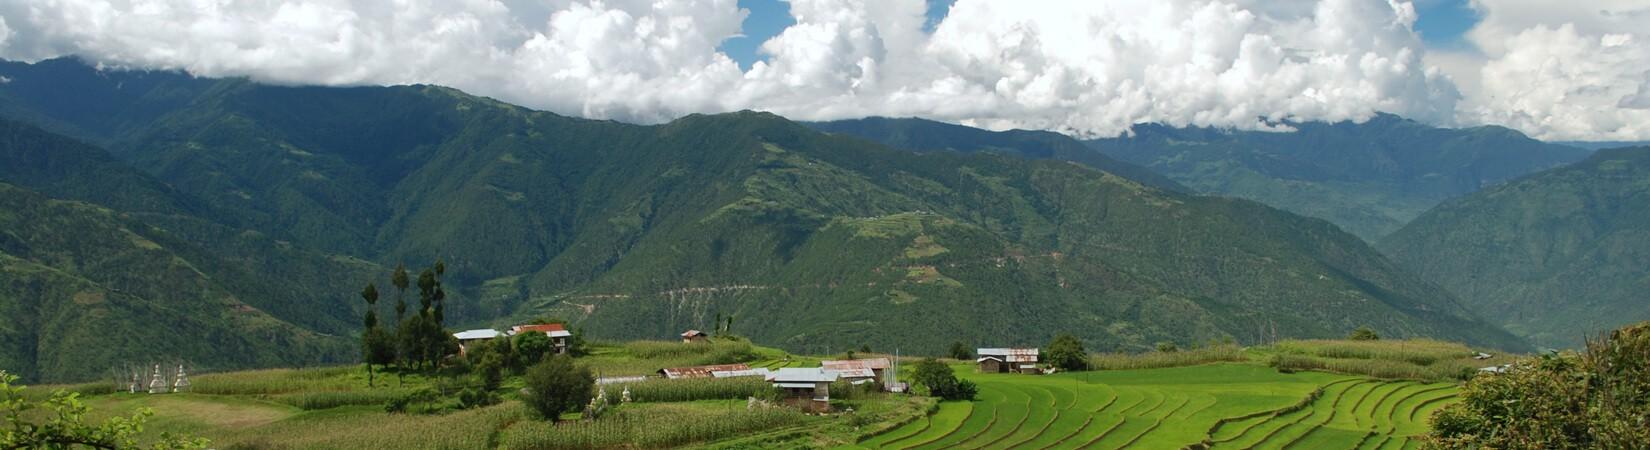 Tashigang